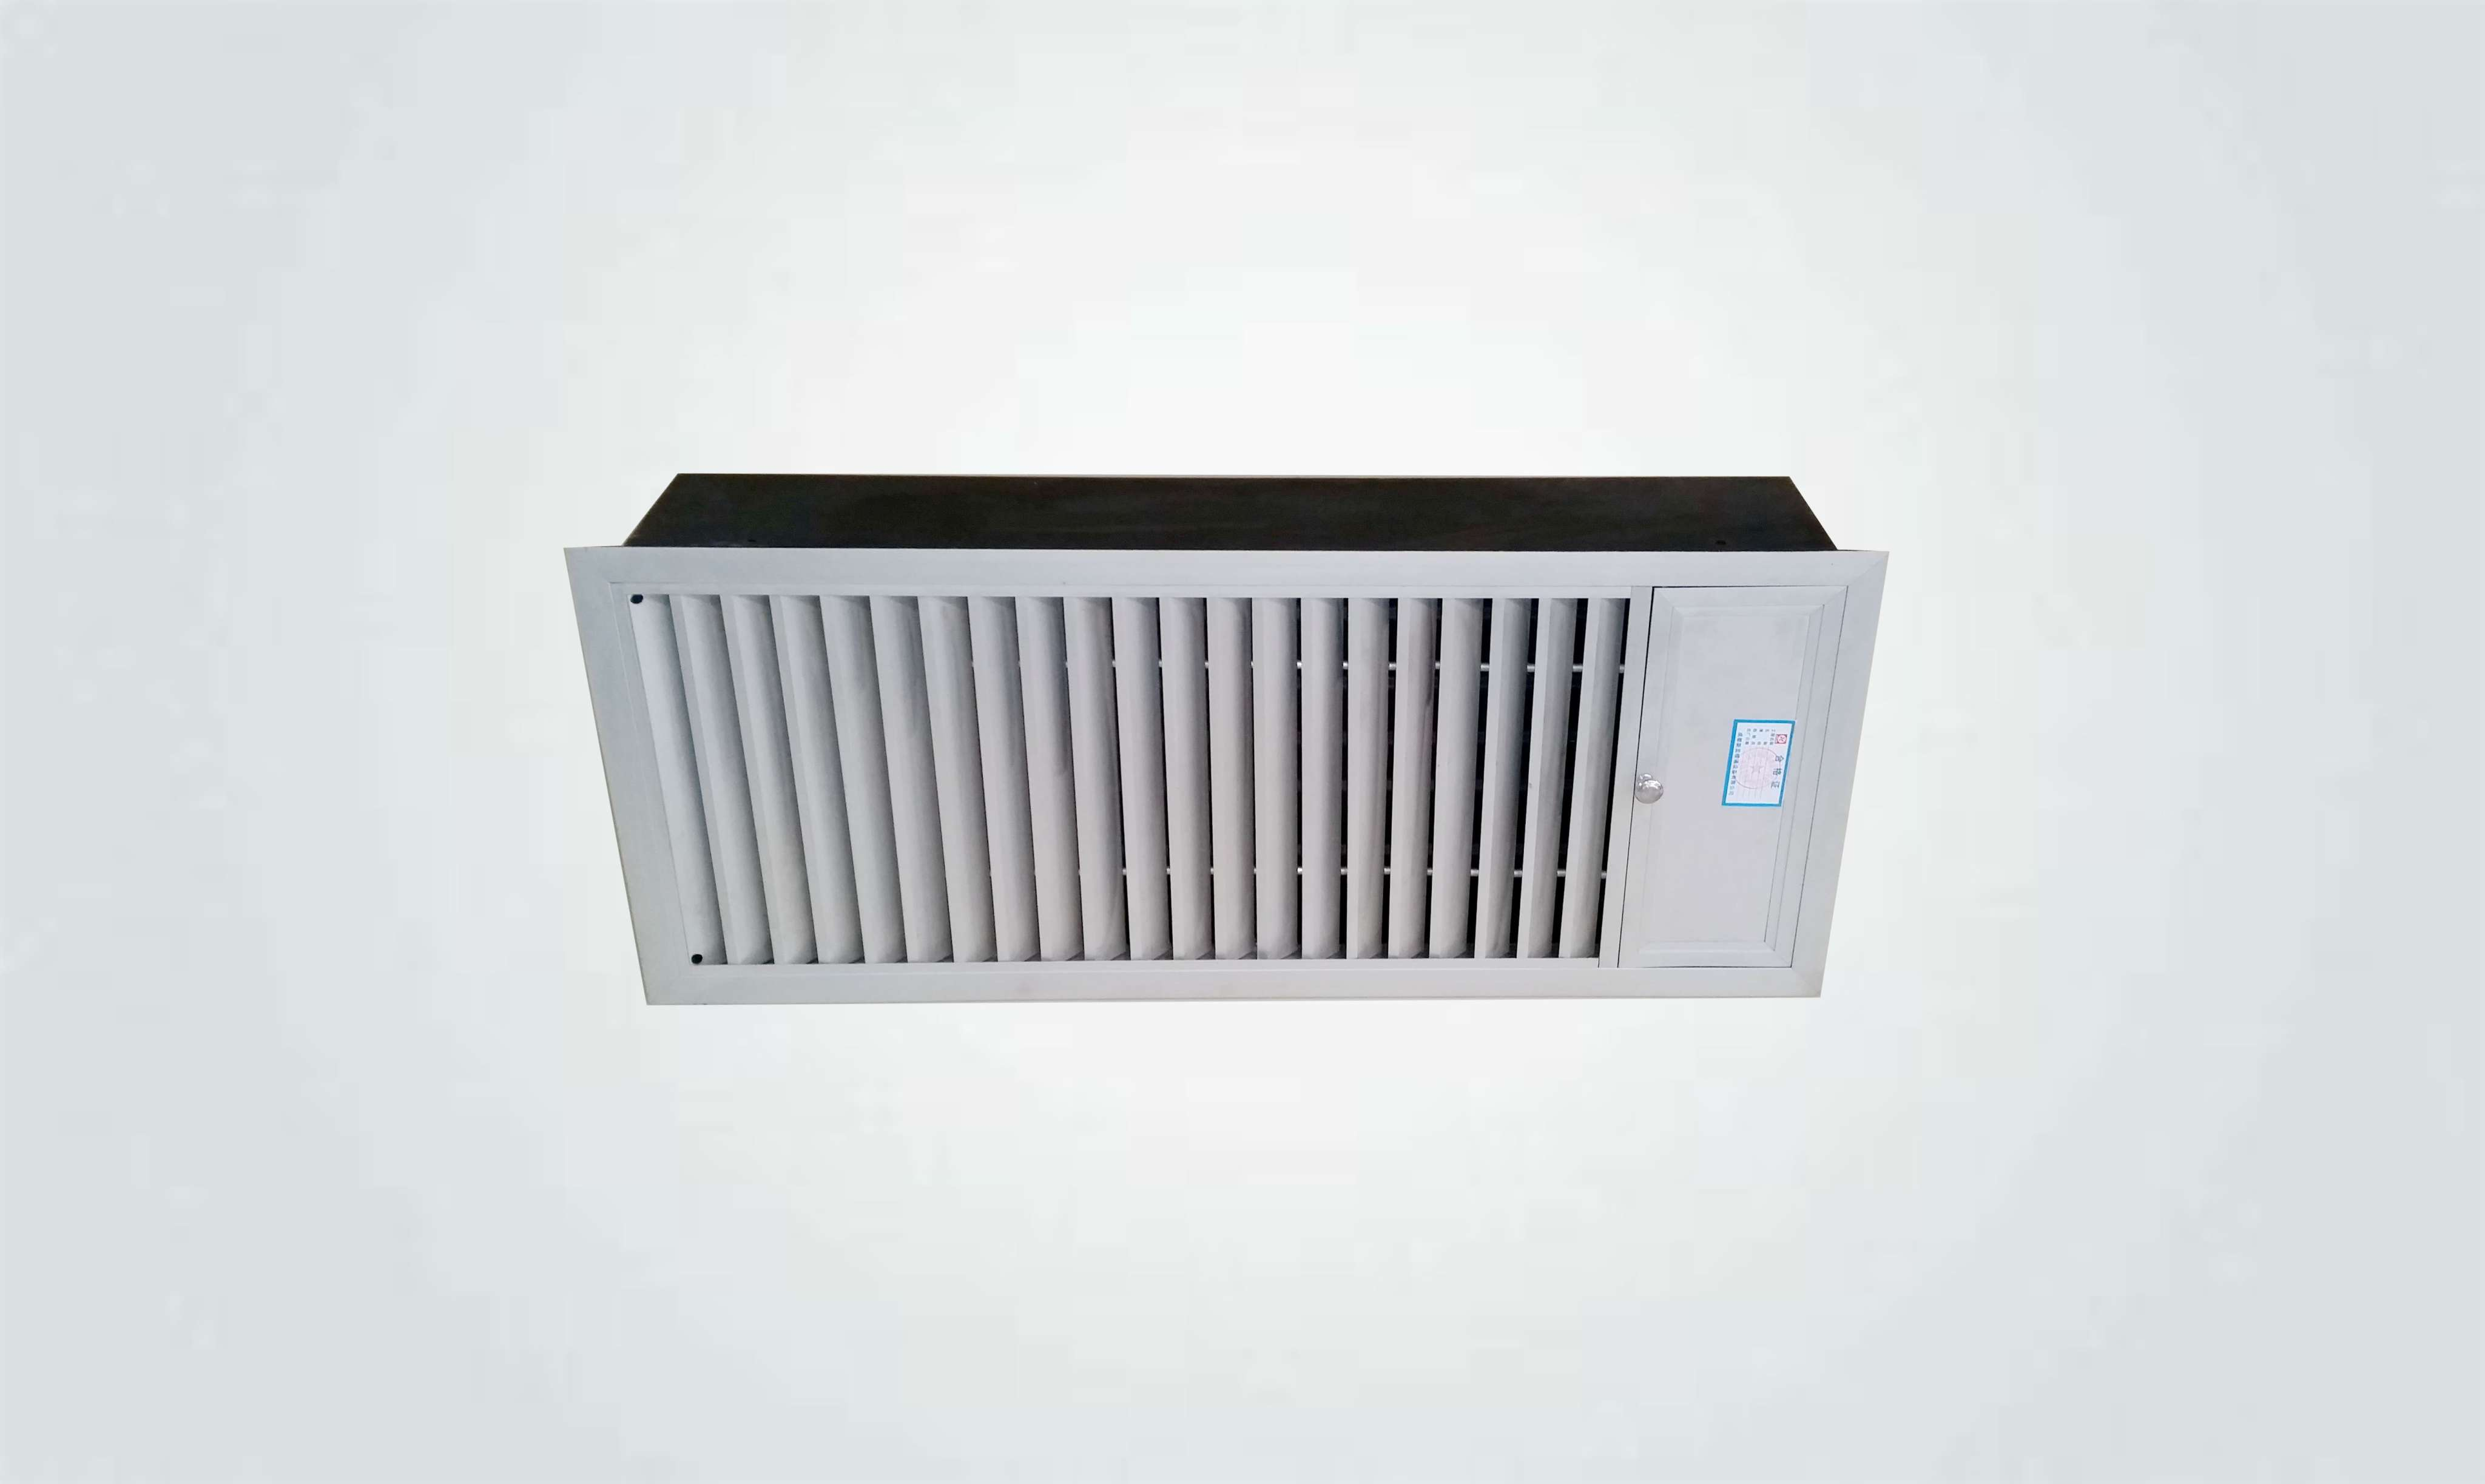 性能简介 : xl-ypf多叶送风口(正压送风口)平时常闭,输入dc24v电信号